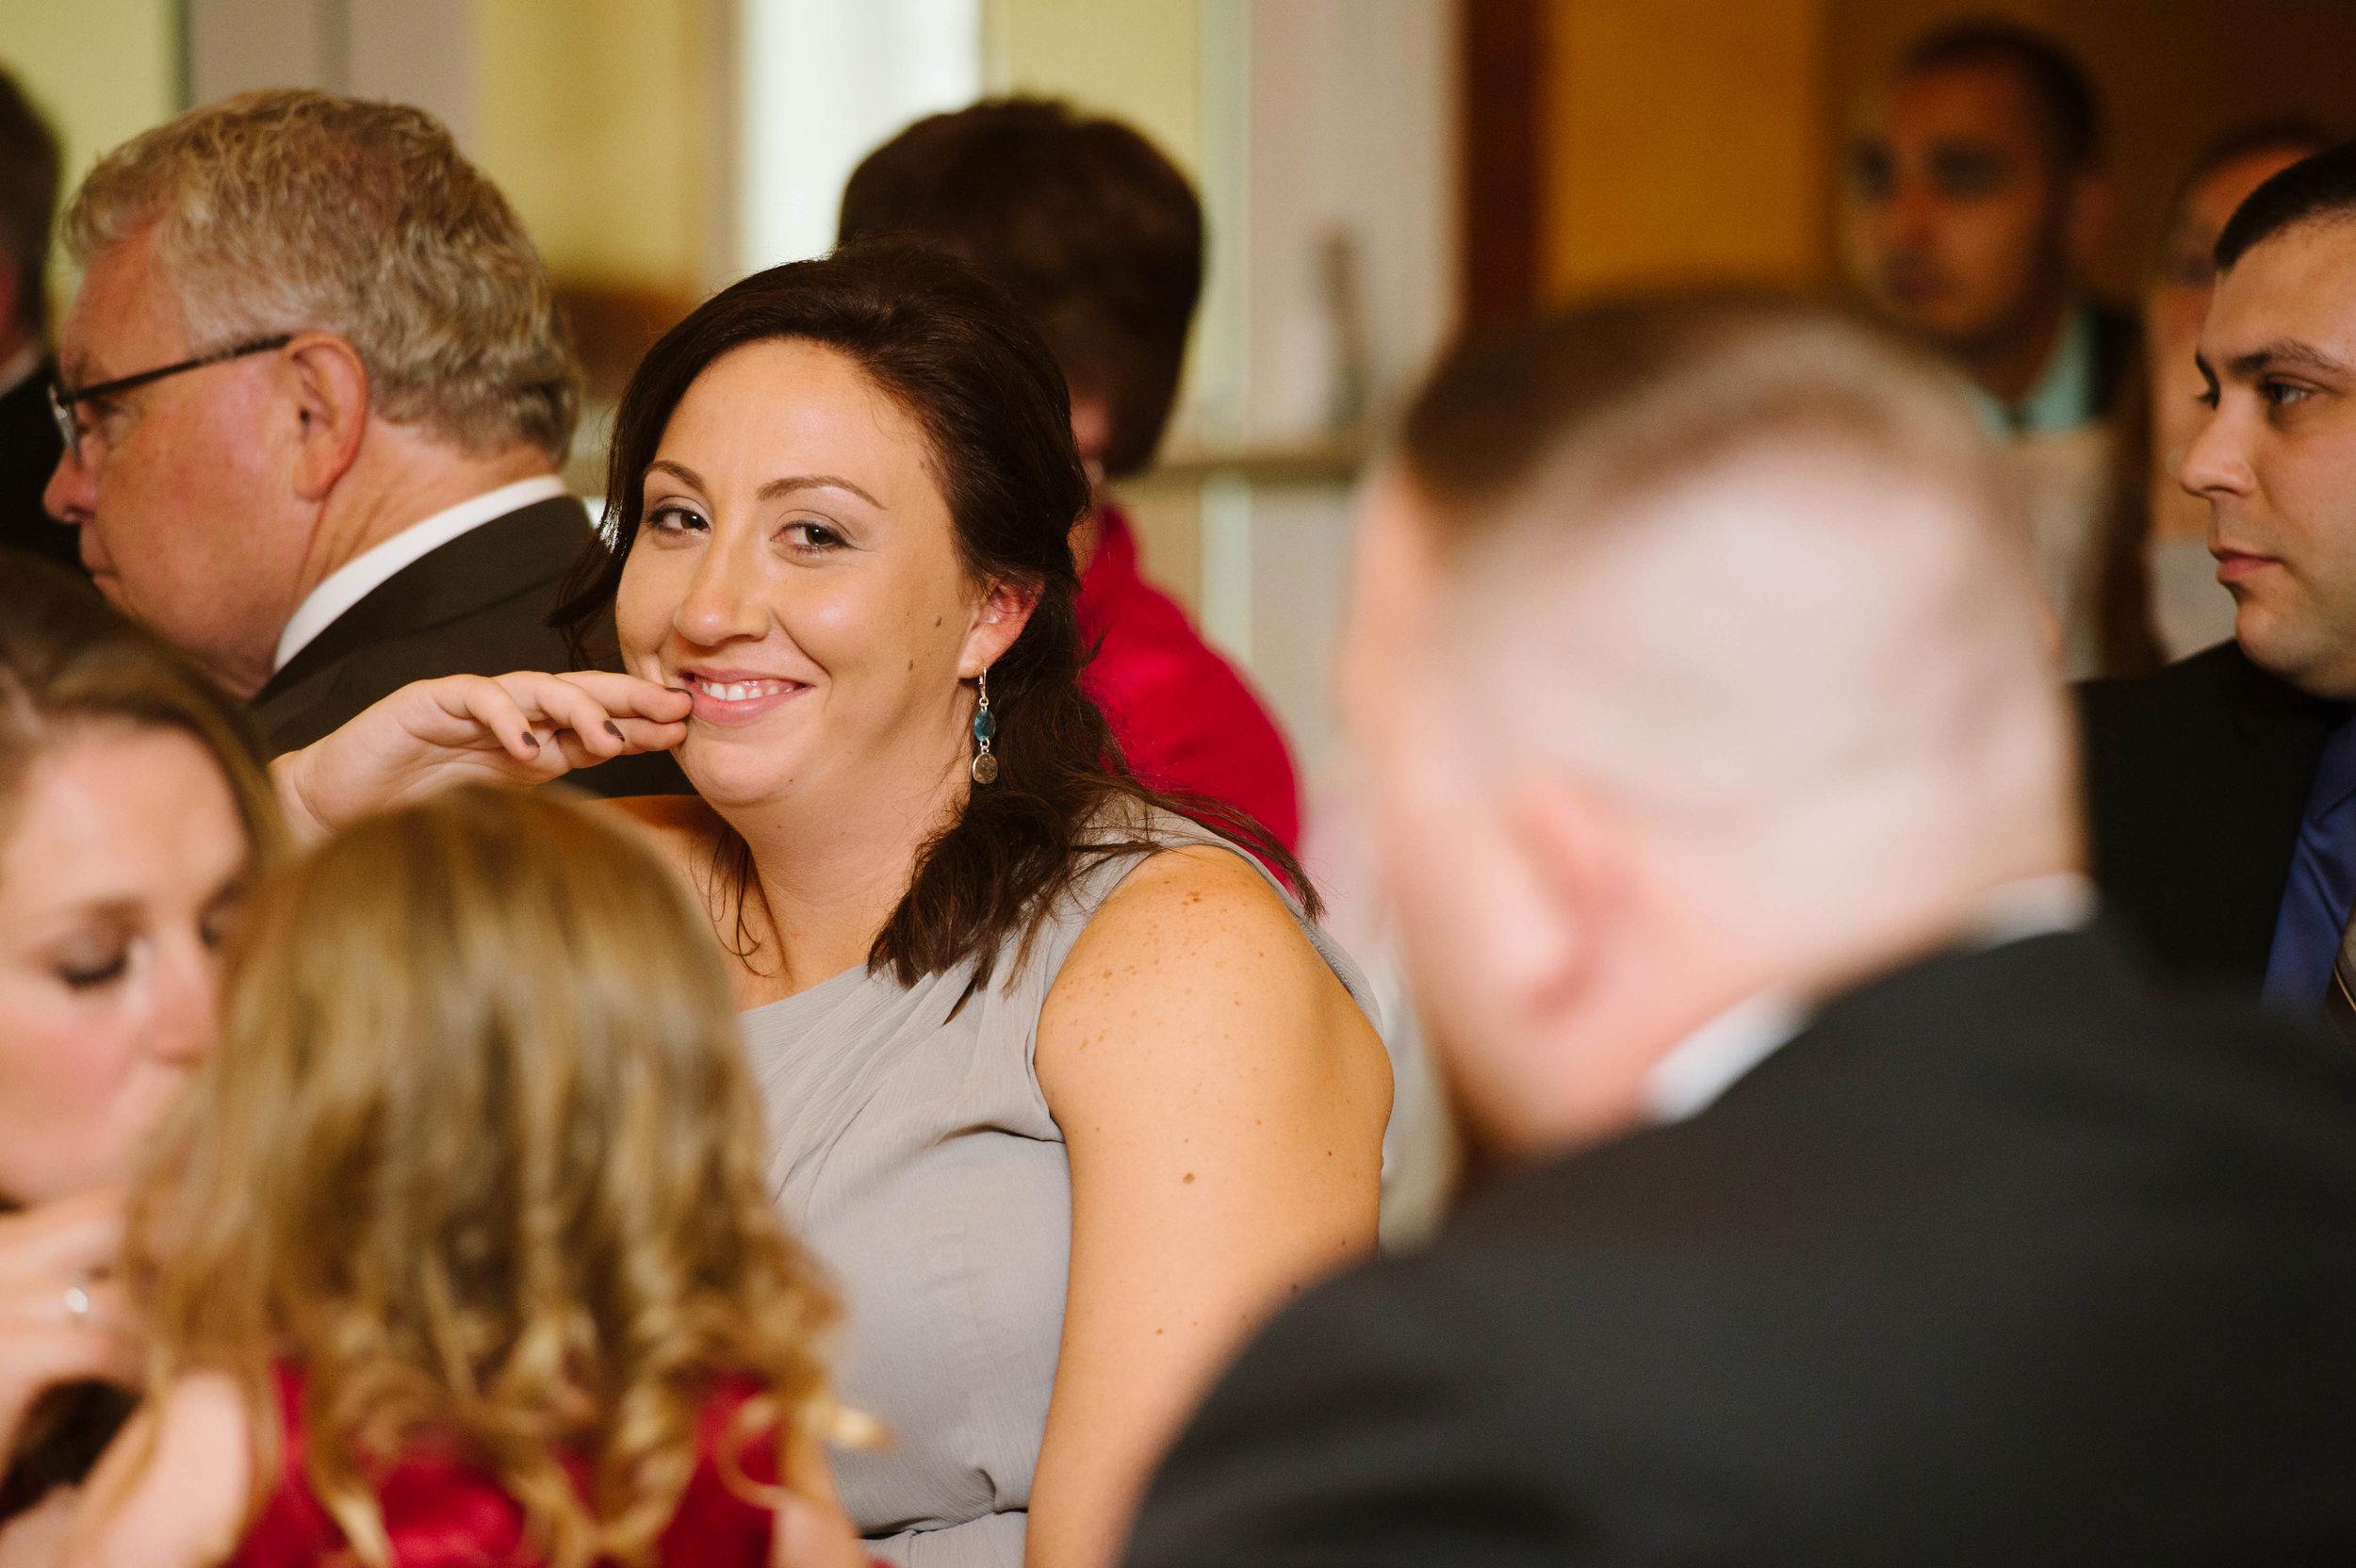 Candid-Wedding-Photography-Massachusetts017.jpg